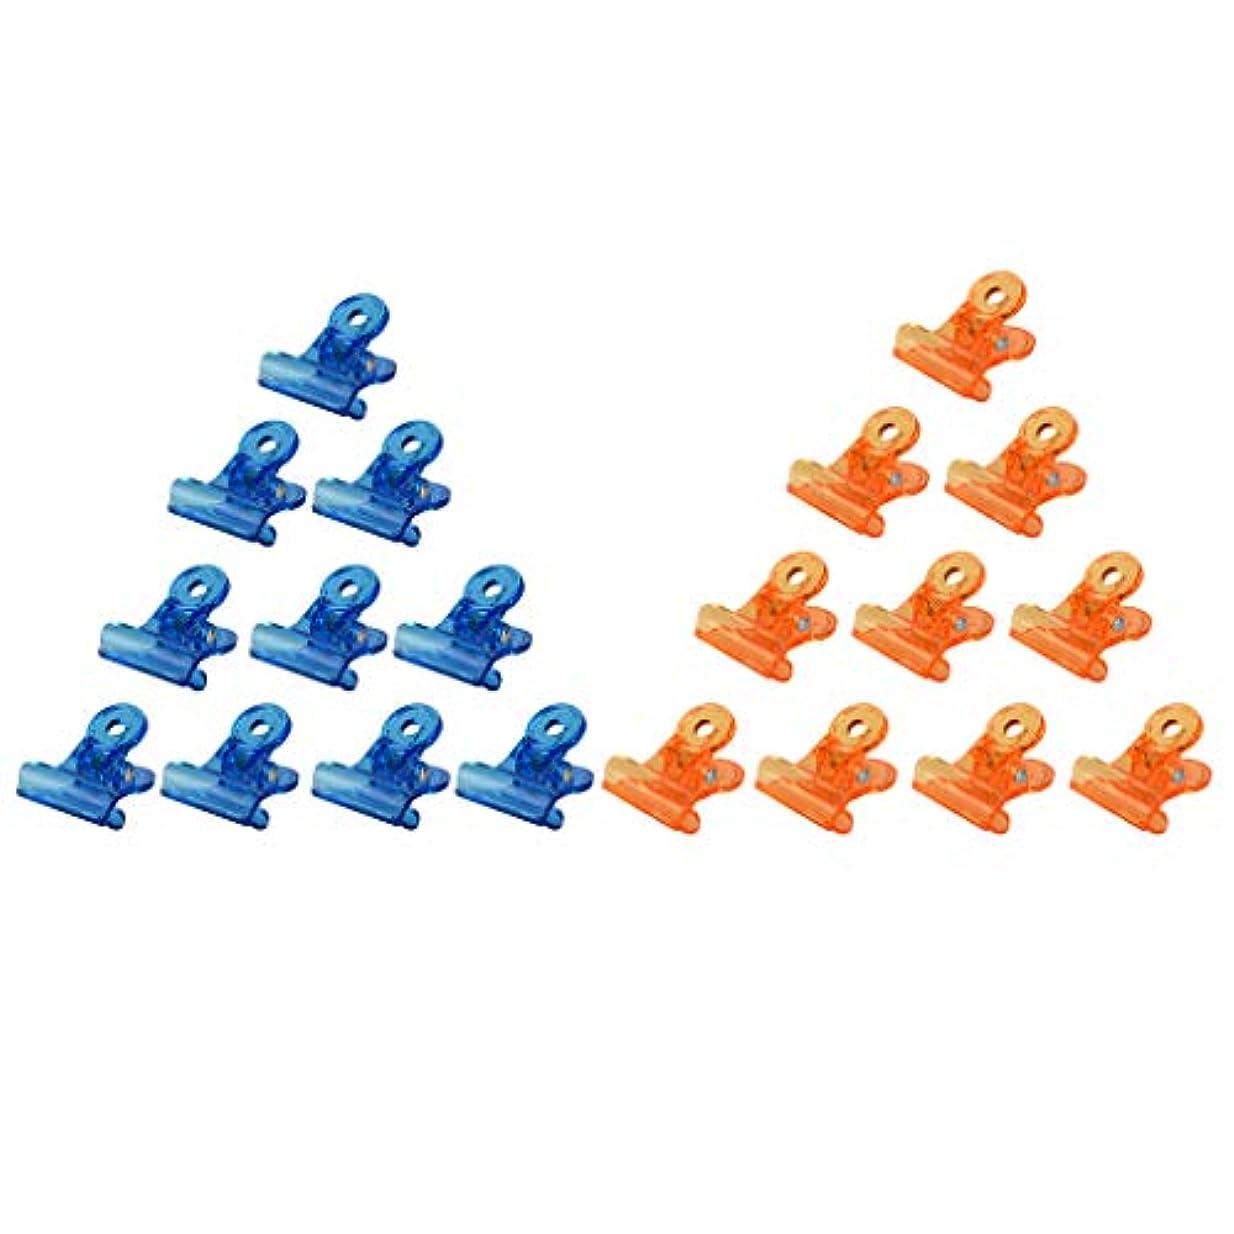 昨日ビーチラテンCUTICATE ネイルクリップ ネイルアート ジェルネイルポリッシュ クリーナー ネイルツール ネイルクリップ 全3種 - オレンジ+ブルー